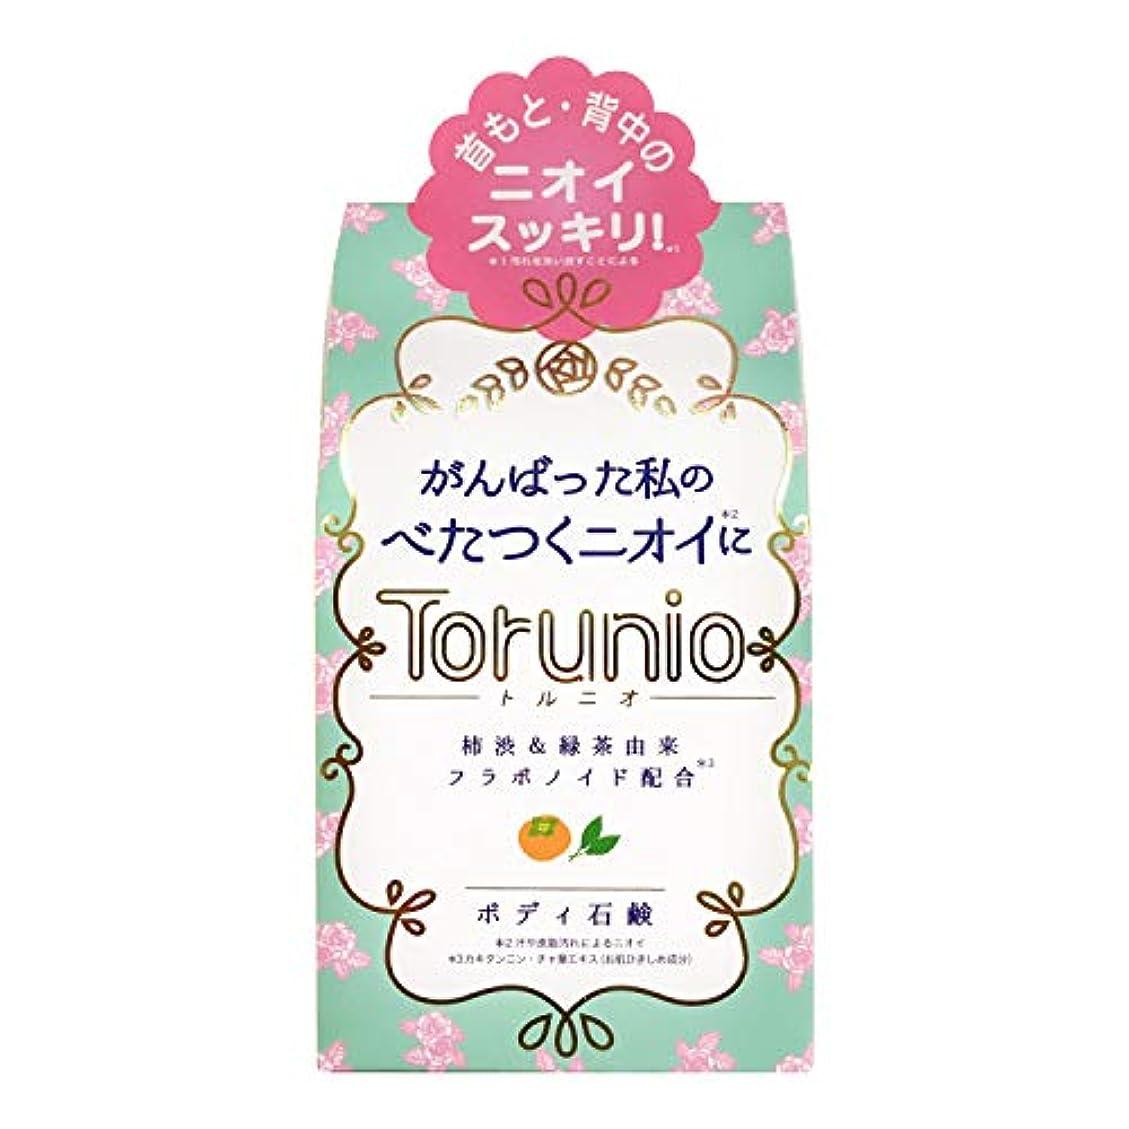 カラス奪うこのTorunio(トルニオ)石鹸 100g